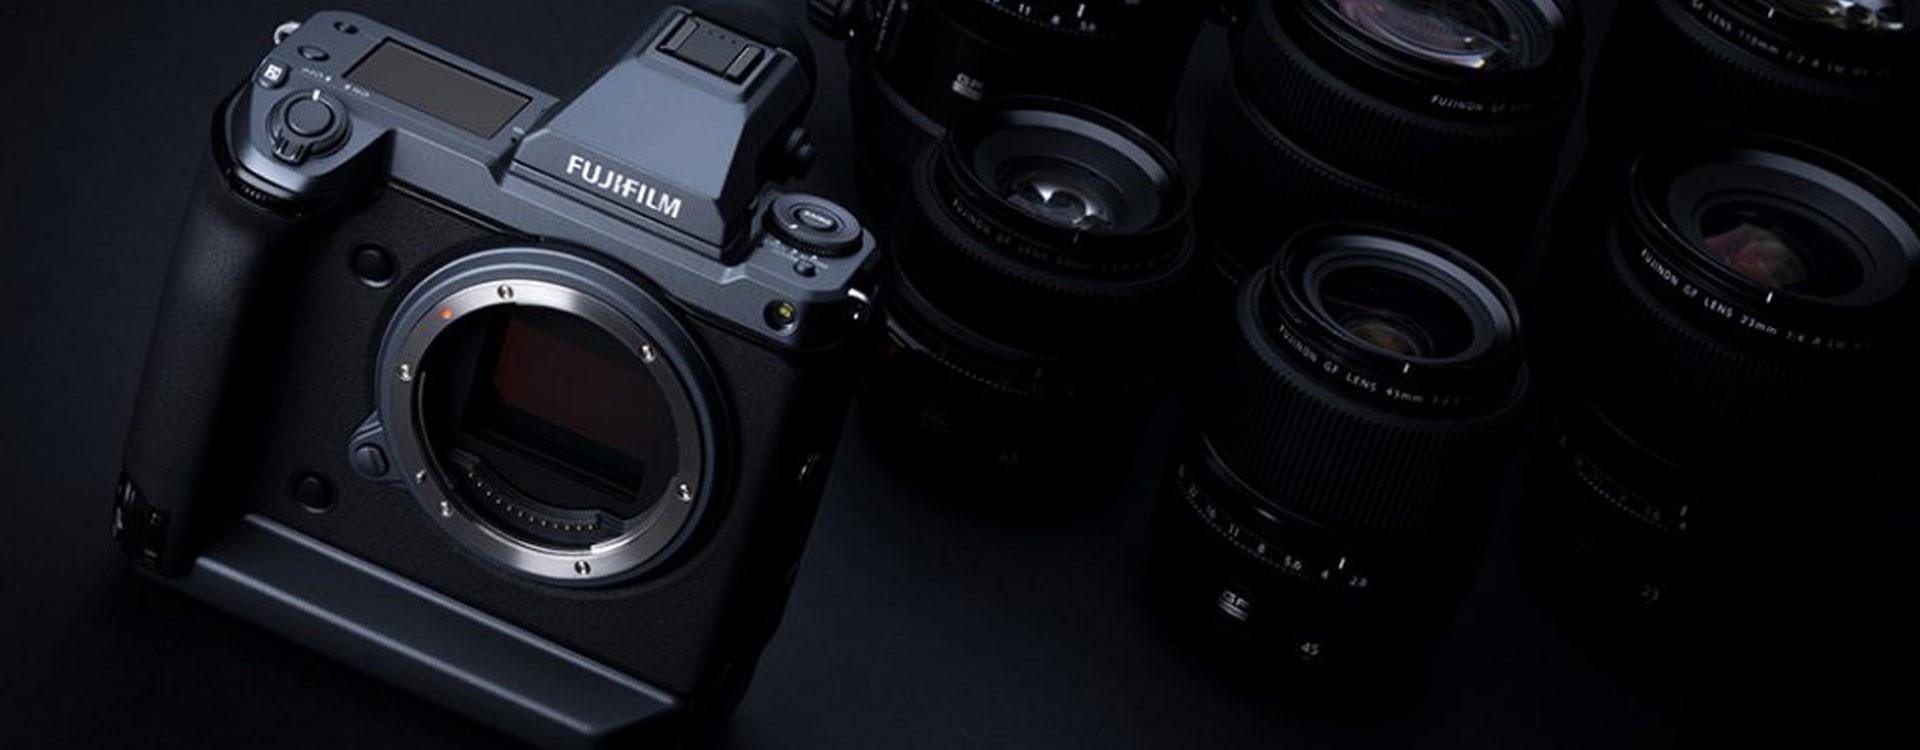 Fujifilm GFX 100 - tydzień z niesamowitym aparatem średnioformatowym